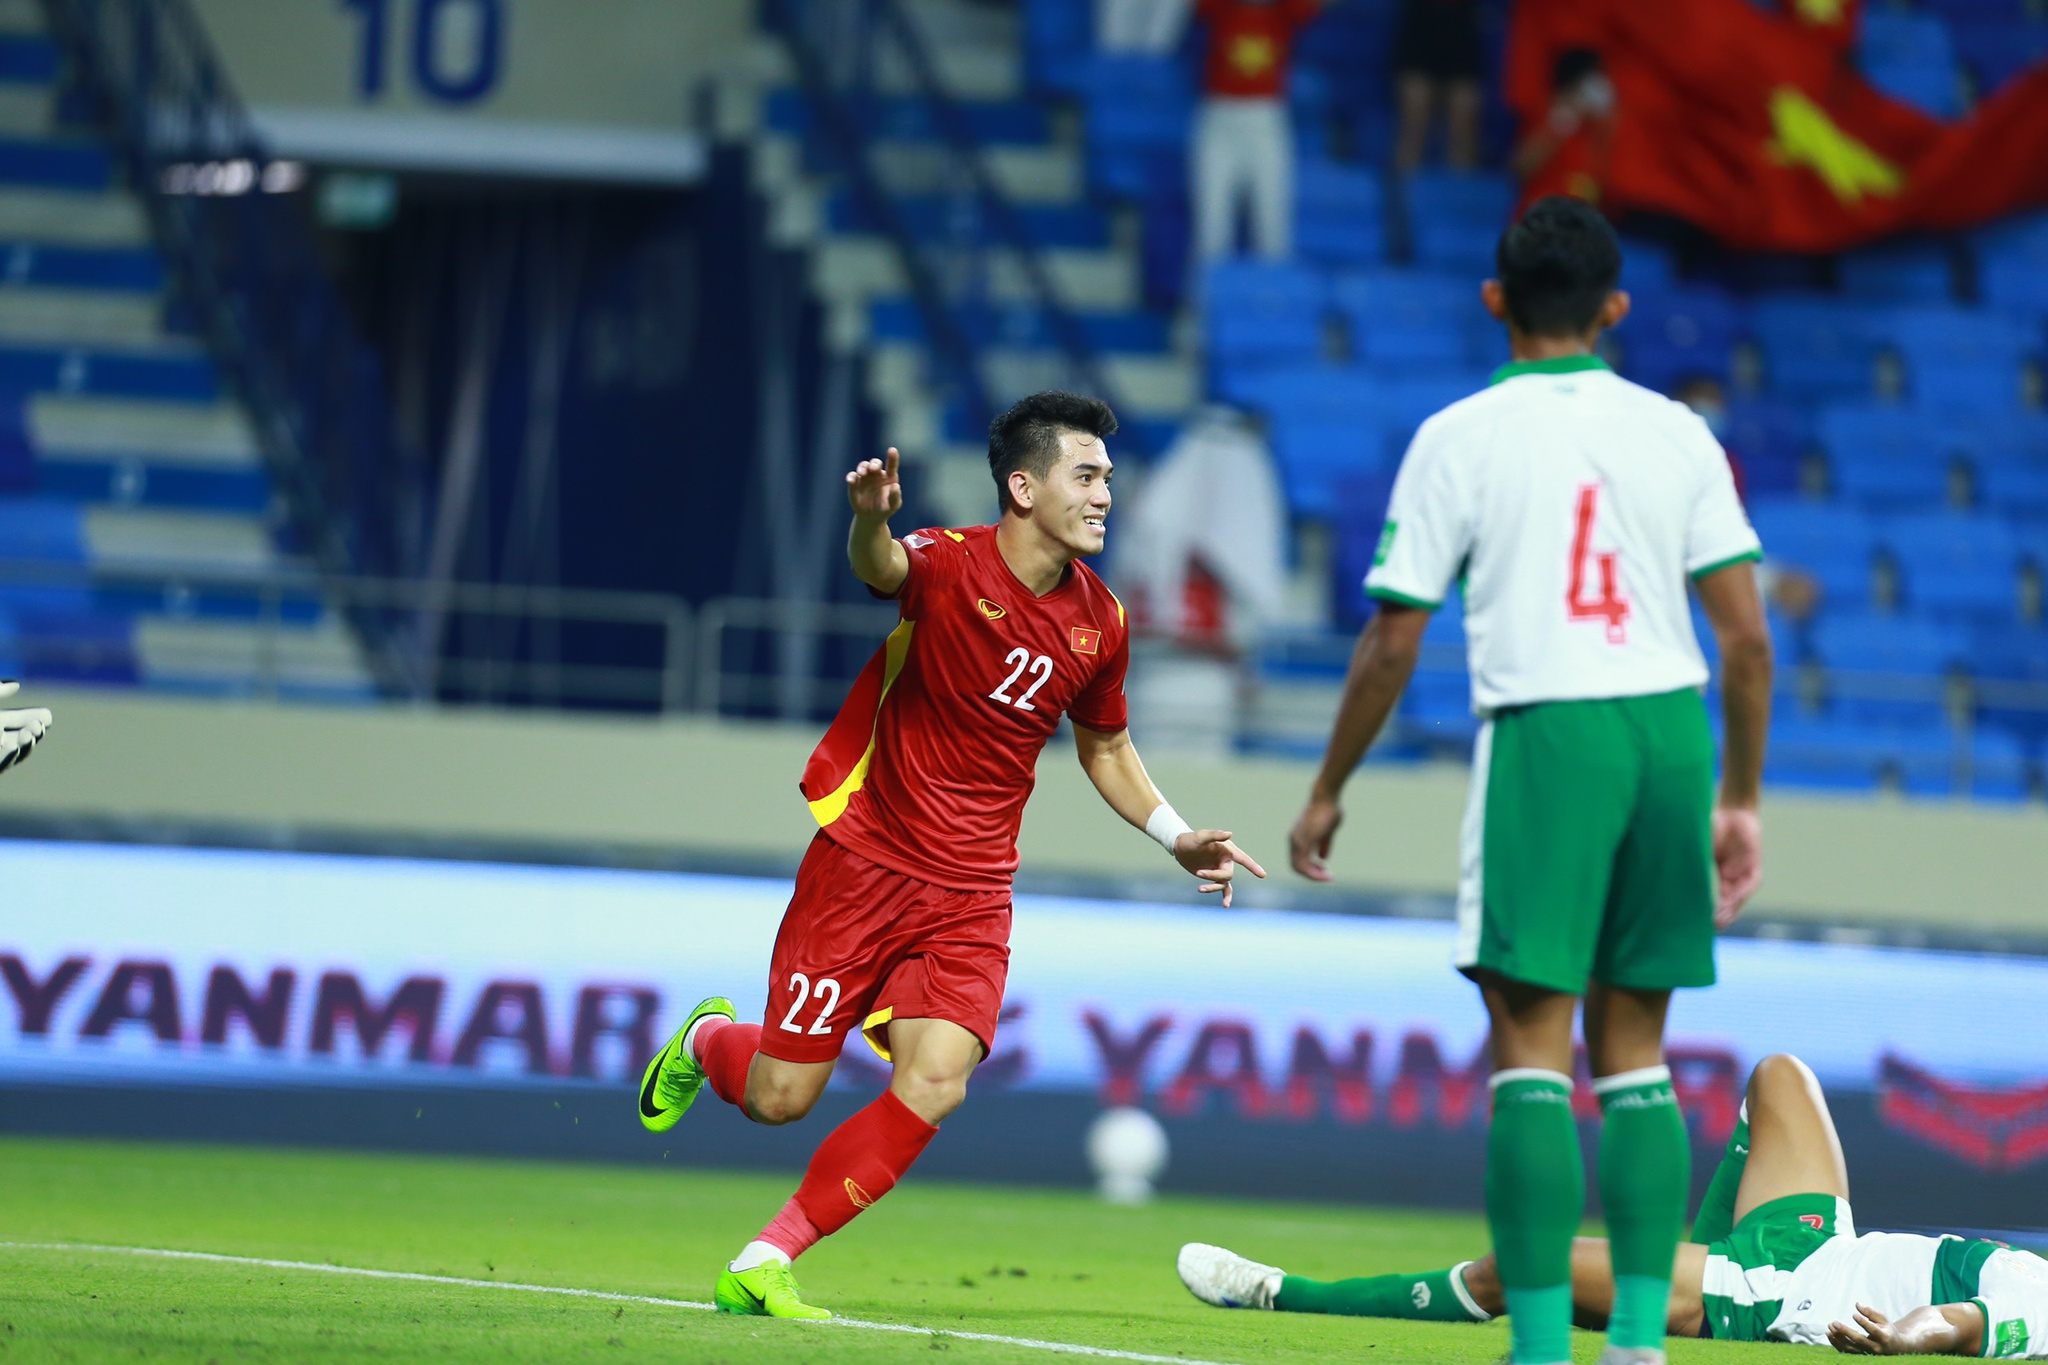 Tiến Linh góp công giúp tuyển Việt Nam thắng đậm Indonesia